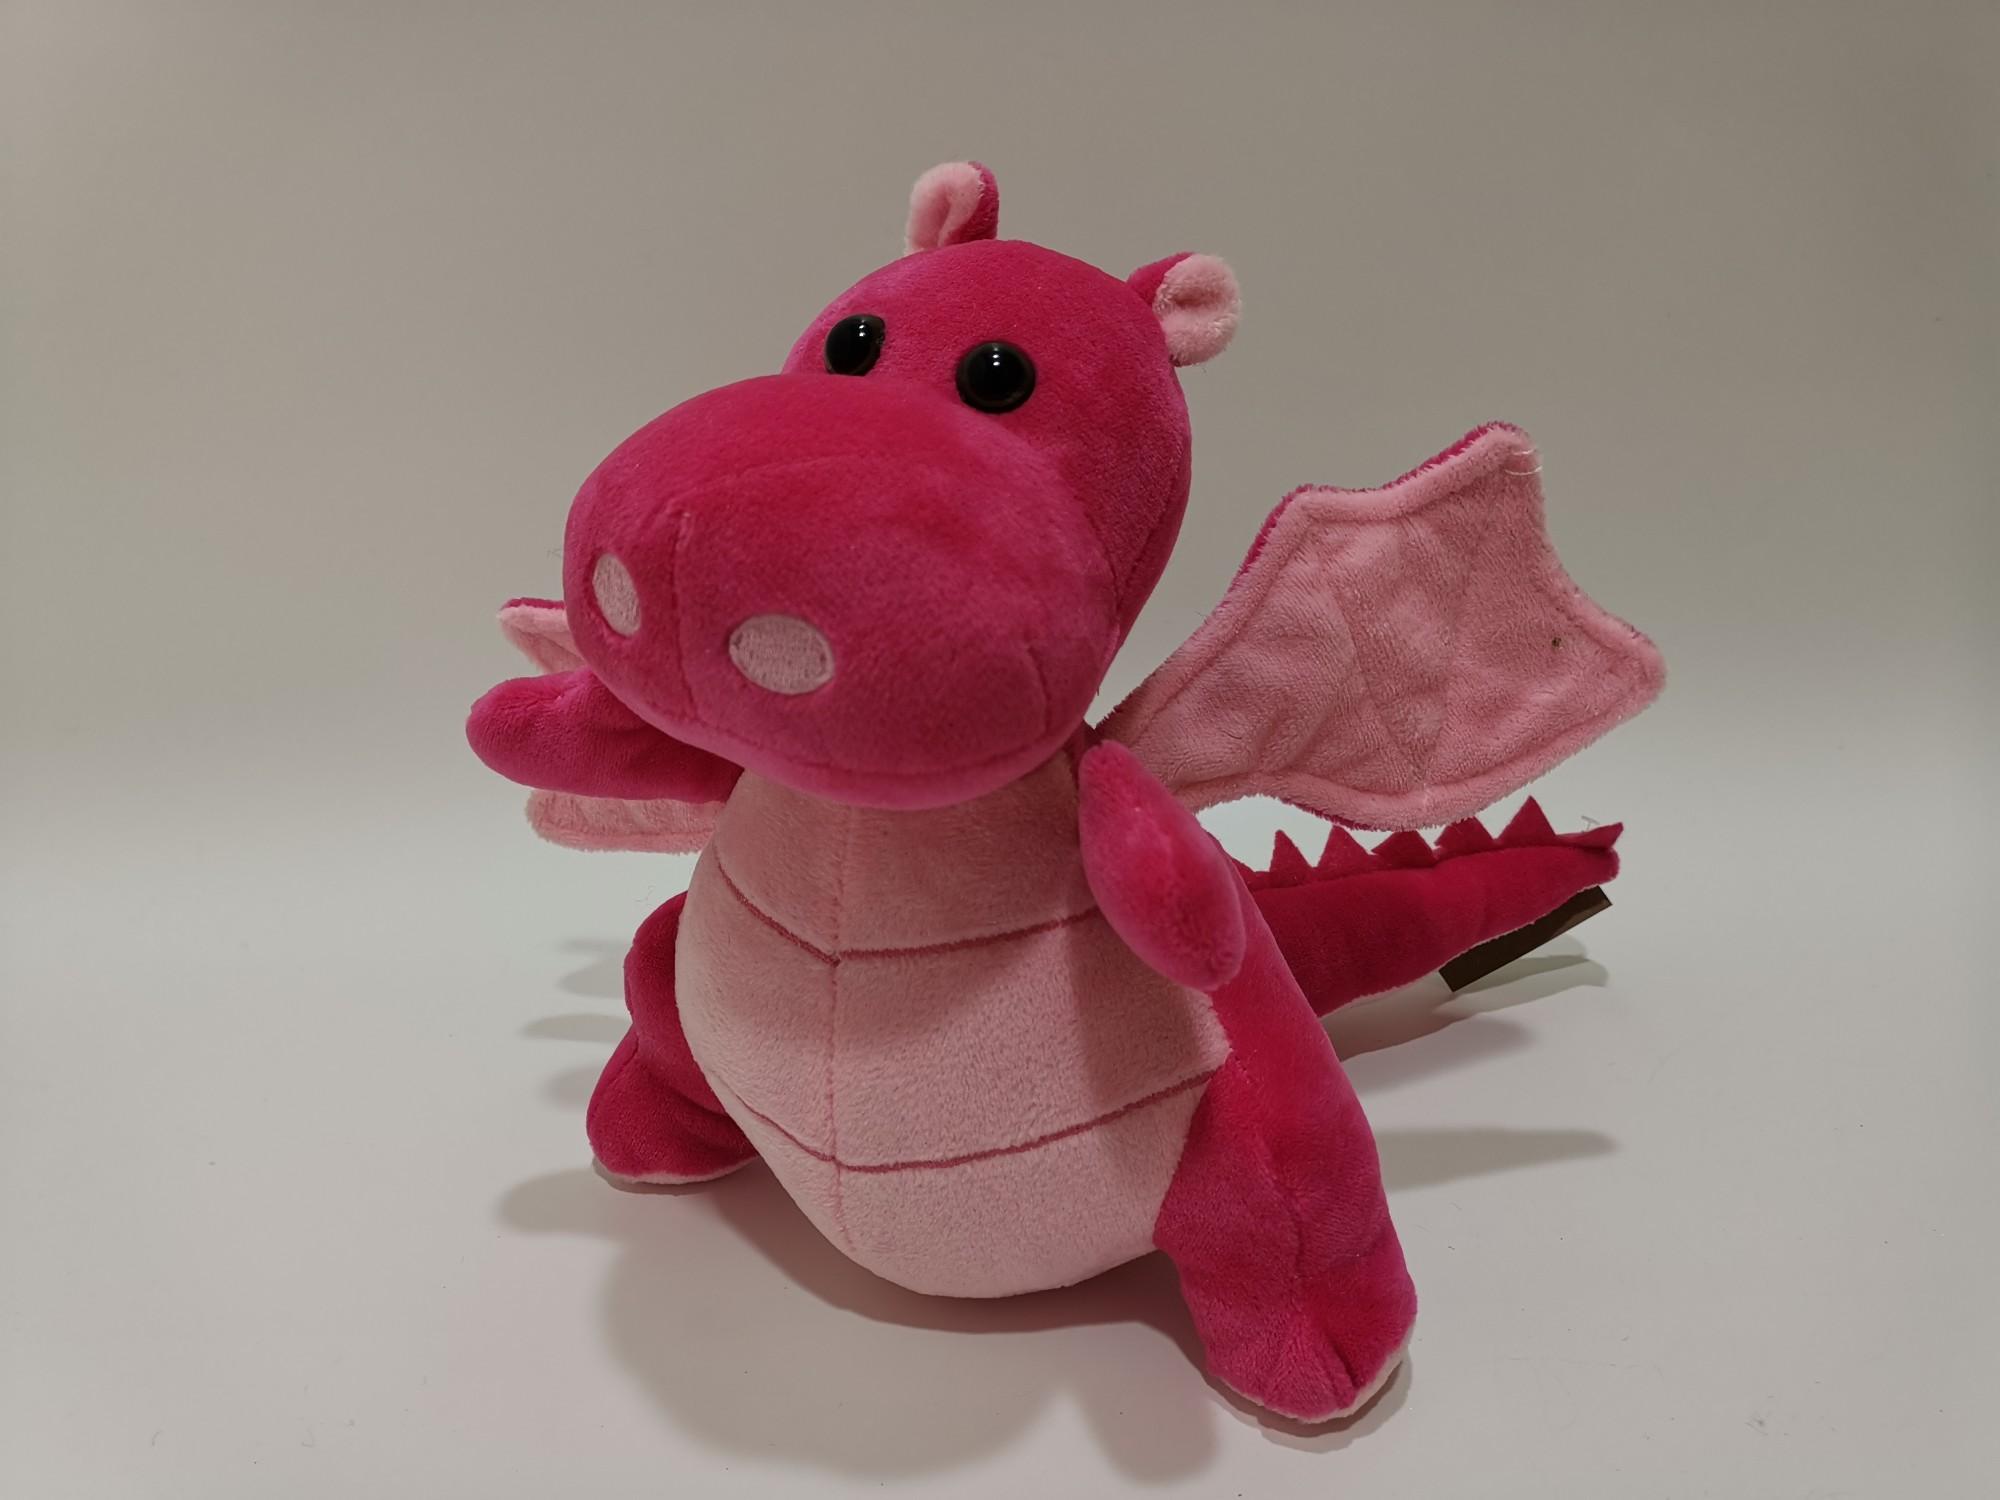 купить Горячая распродажа фаршированные плюшевые животные красный милый дракон игрушка,Горячая распродажа фаршированные плюшевые животные красный милый дракон игрушка цена,Горячая распродажа фаршированные плюшевые животные красный милый дракон игрушка бренды,Горячая распродажа фаршированные плюшевые животные красный милый дракон игрушка производитель;Горячая распродажа фаршированные плюшевые животные красный милый дракон игрушка Цитаты;Горячая распродажа фаршированные плюшевые животные красный милый дракон игрушка компания